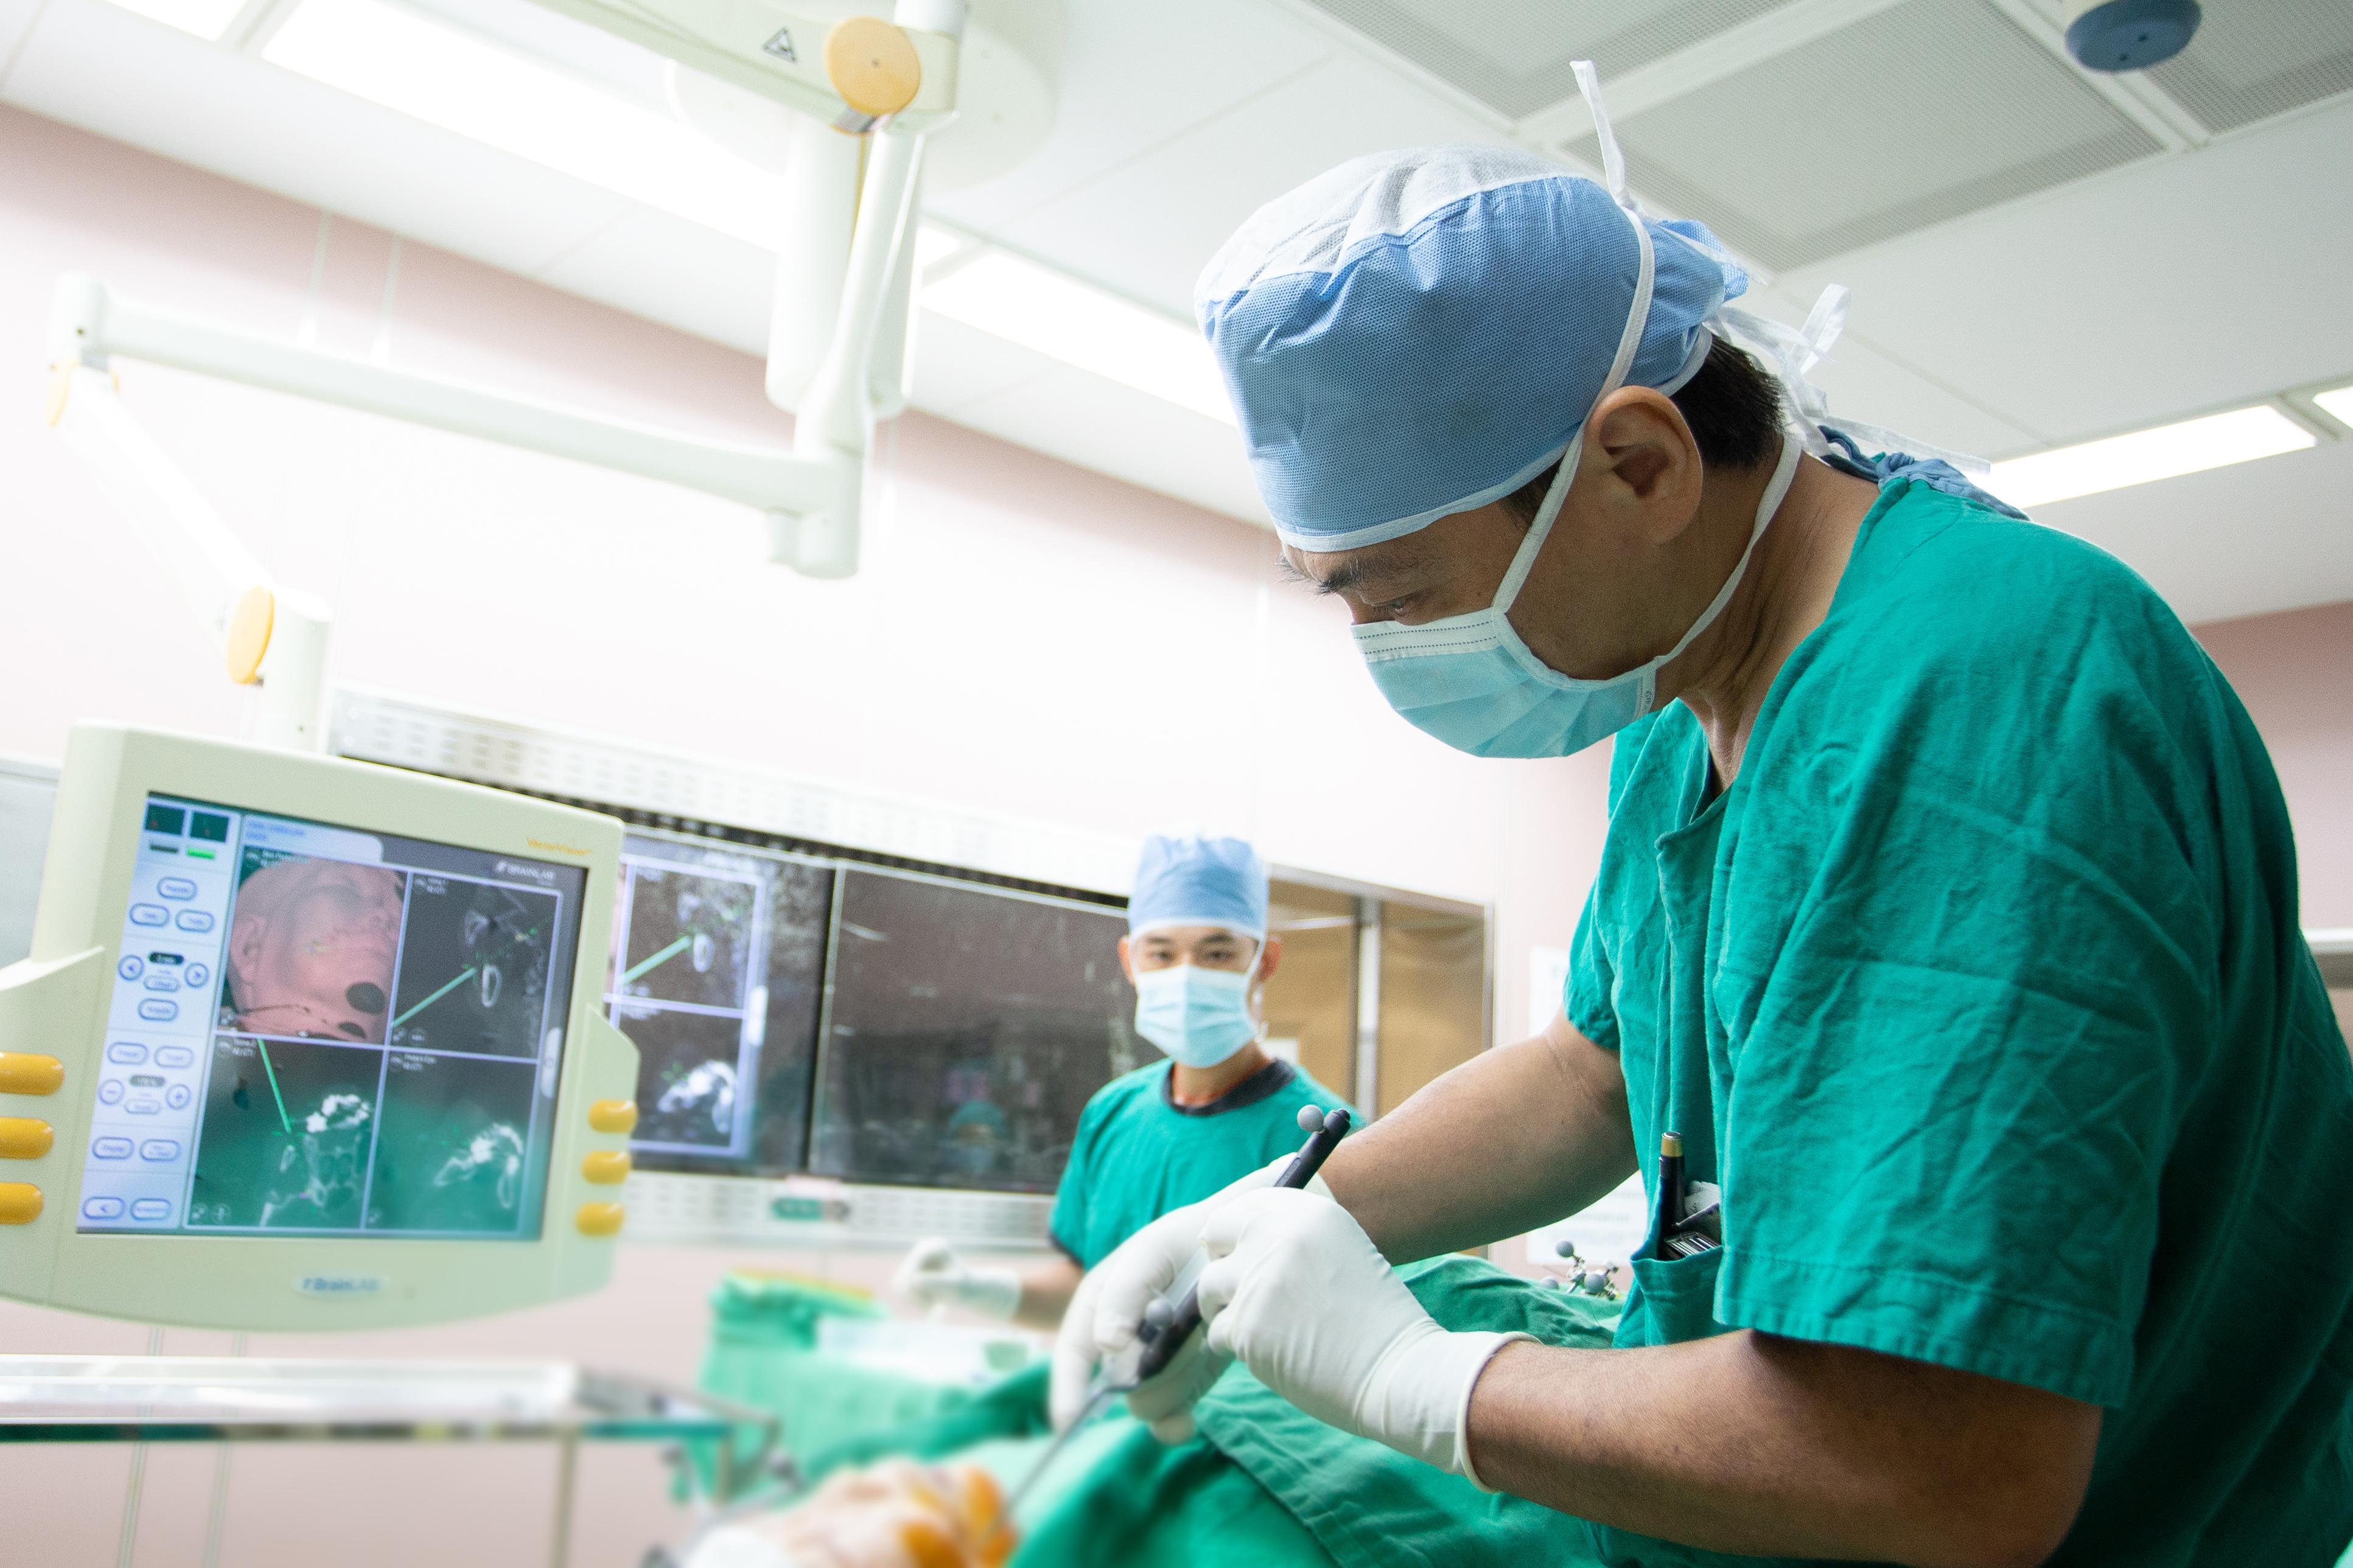 三叉神經痛治療新技術-精準定位有效阻斷疼痛